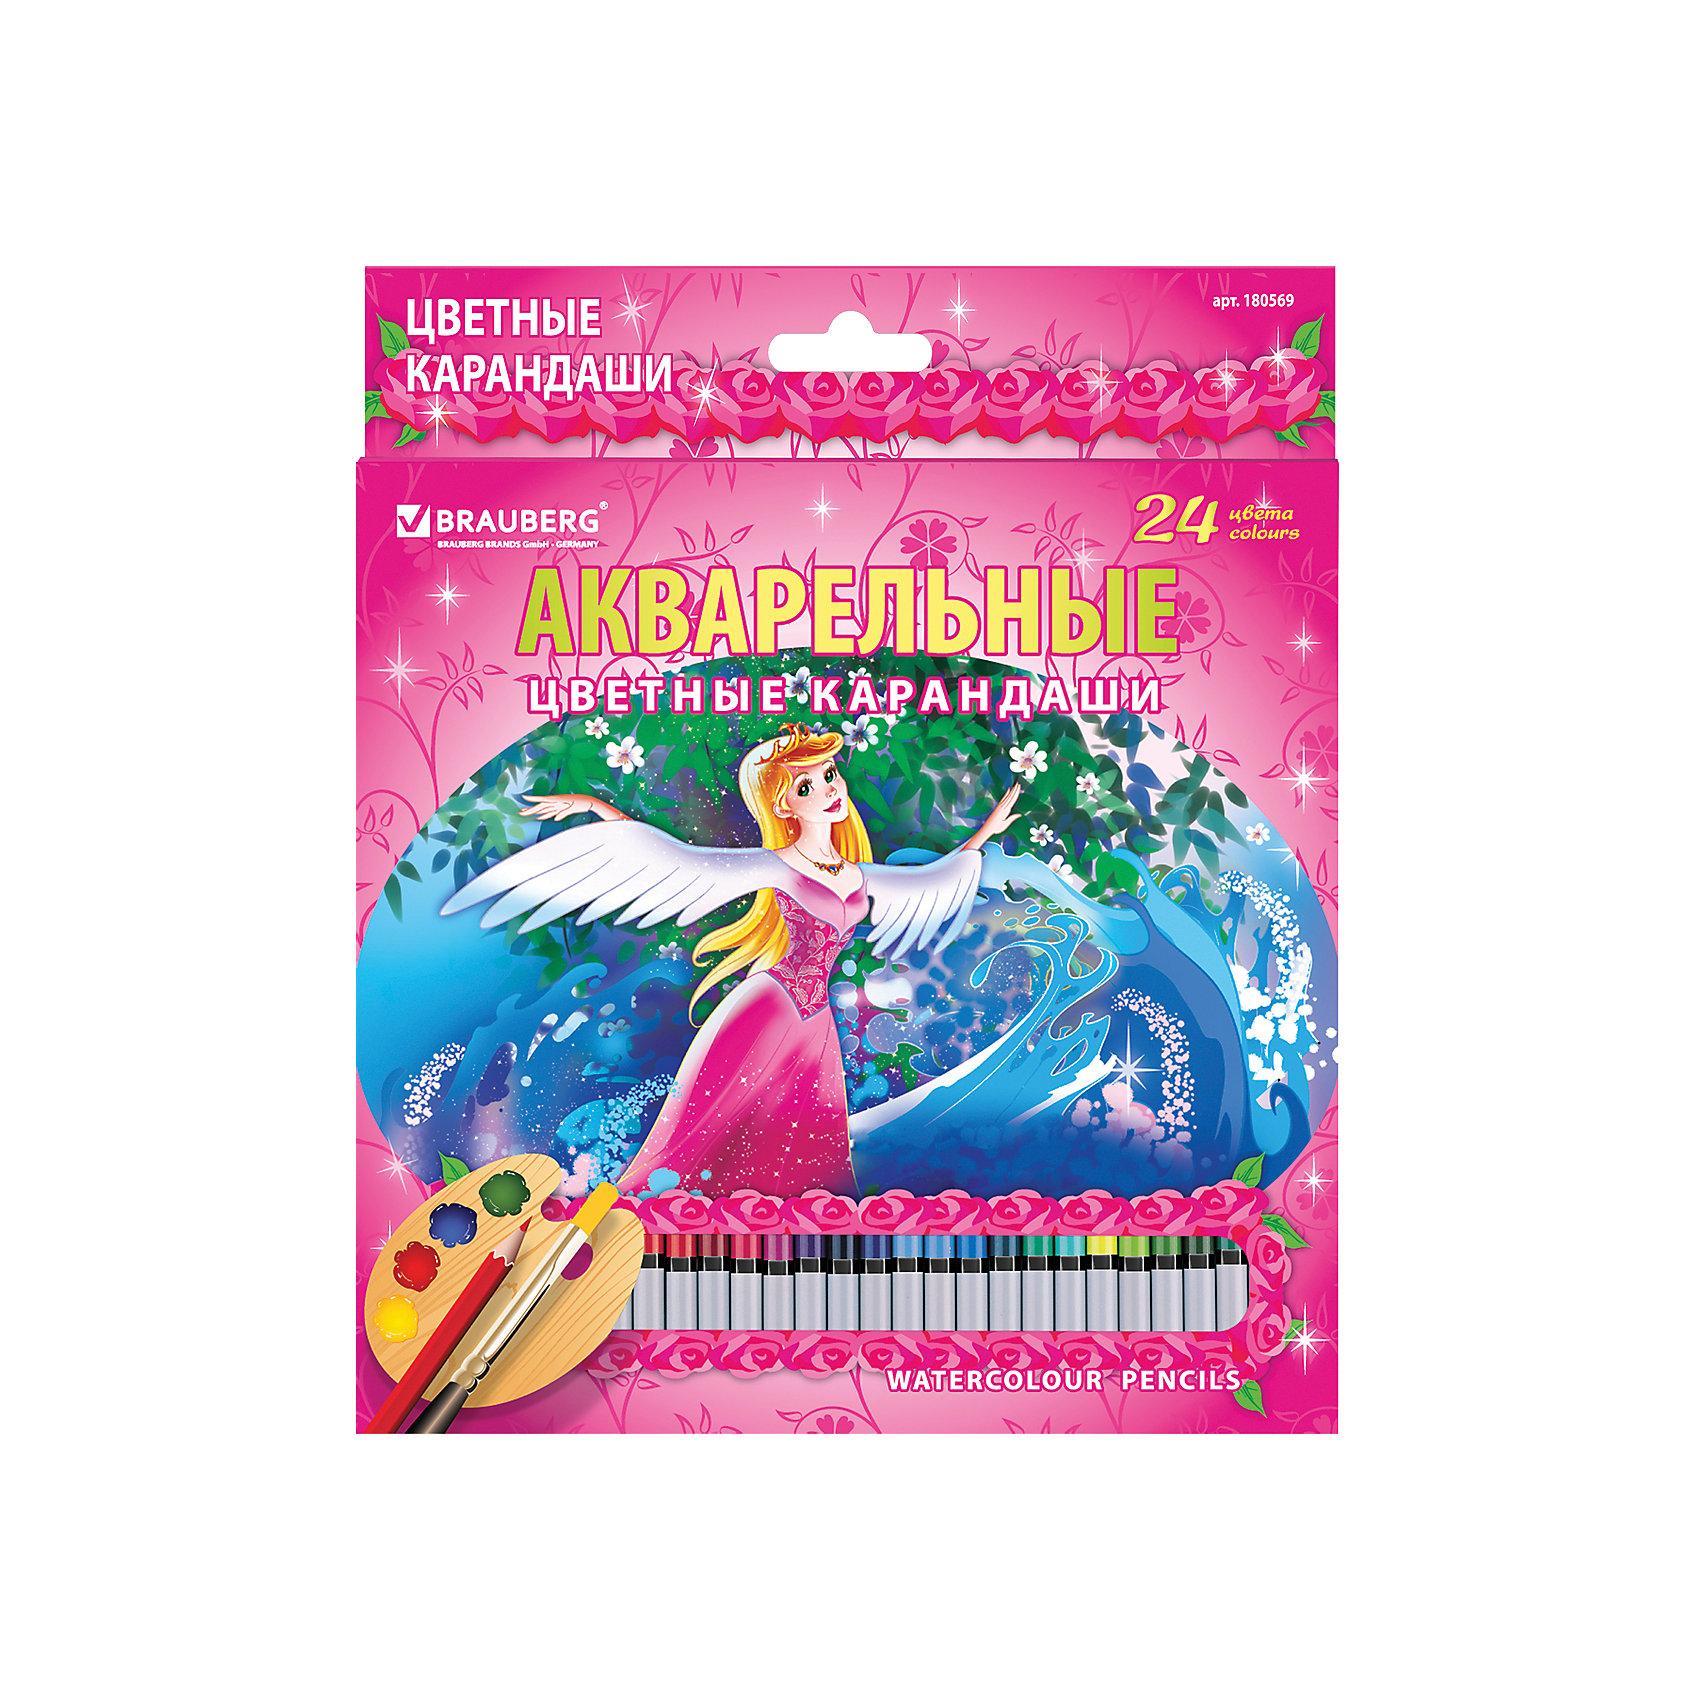 Цветные карандаши акварельные Rose Angel, 24 цв., BraubergВ наборе 24 цветных акварельных карандаша. Высокое качество грифеля с абсолютной чистотой цвета гарантирует равномерную насыщенность по всей поверхности и 100% растворимость грифеля в воде.<br>Порадуйте своего ребенка замечательным подарком!<br><br>Дополнительная информация:<br><br>- 24 цвета.<br>- Грифель высокого качества, диаметр - 3 мм.<br>- Акварельные.<br>- Высокосортная древесина.<br>- Легко затачиваются.<br>- Легко размываются влажной кистью.<br>- Размер упаковки: 20х18х0,8 см. <br>- Вес в упаковке: 182  г.<br><br>Цветные карандаши Rose Angel Brauberg можно купить в нашем магазине.<br><br>Ширина мм: 200<br>Глубина мм: 180<br>Высота мм: 8<br>Вес г: 182<br>Возраст от месяцев: 72<br>Возраст до месяцев: 2147483647<br>Пол: Унисекс<br>Возраст: Детский<br>SKU: 4792678